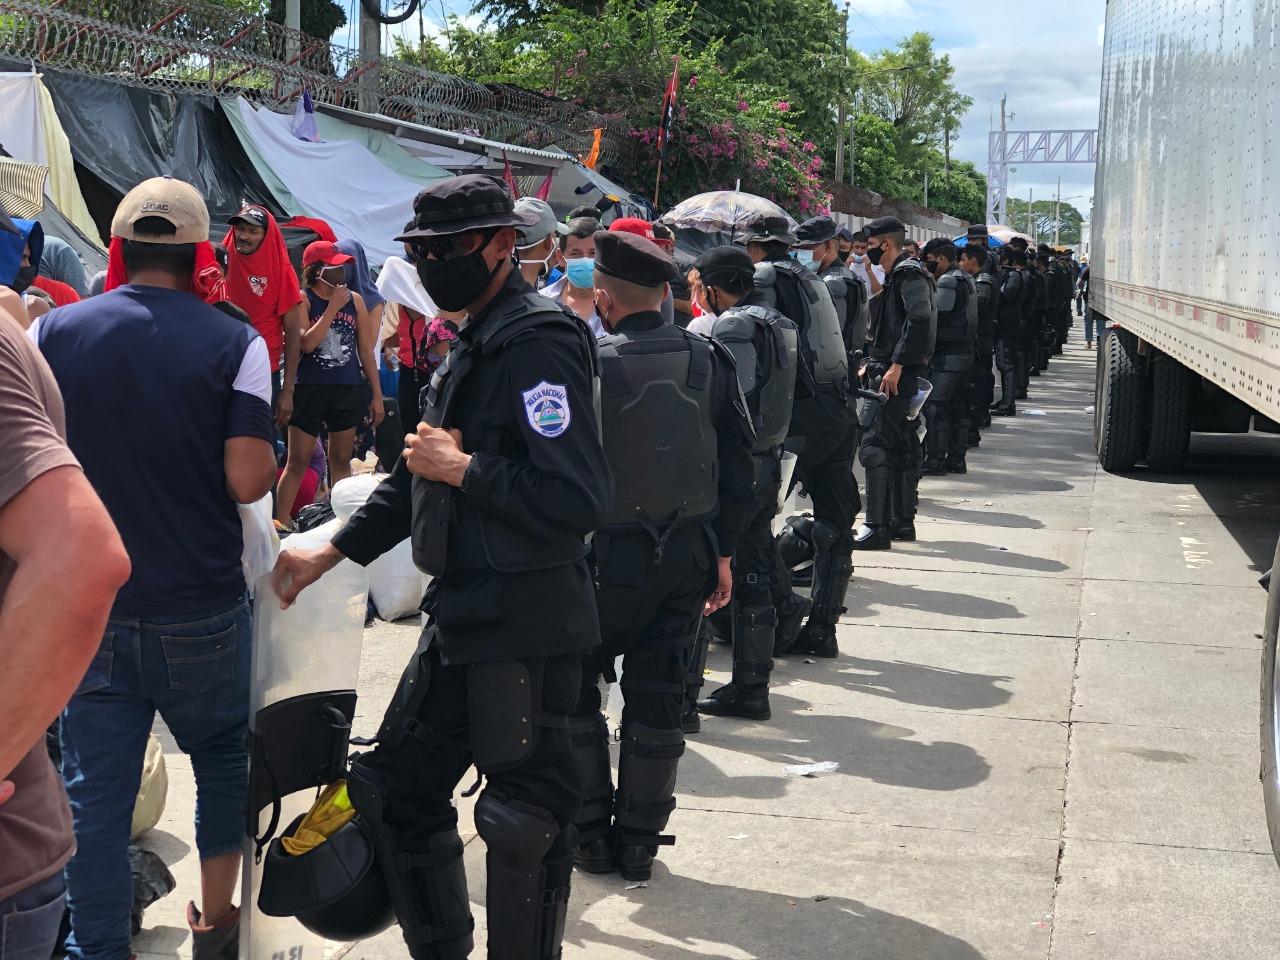 En el paso abierto, el cerco contra los migrantes es controlado por la Policía y en los puntos ciegos quien actúa es el Ejército. Foto: Nicaragua Actual.